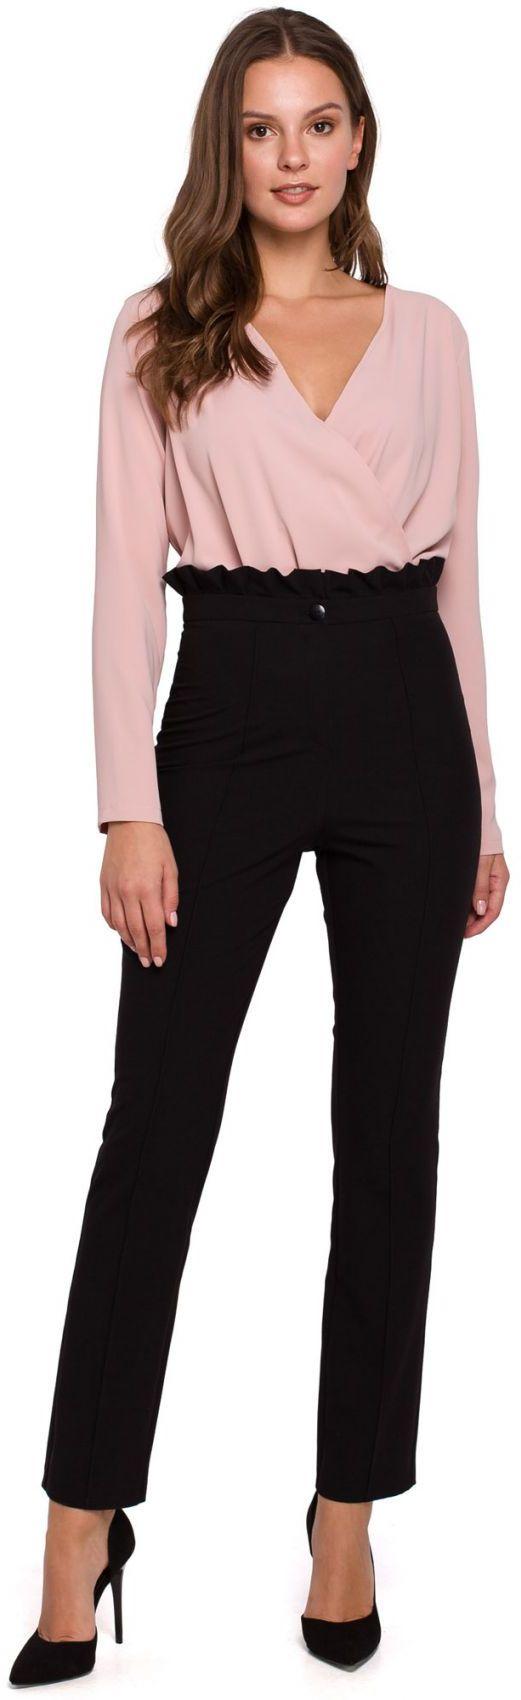 K008 Spodnie z wysokim stanem i falbanką - czarny